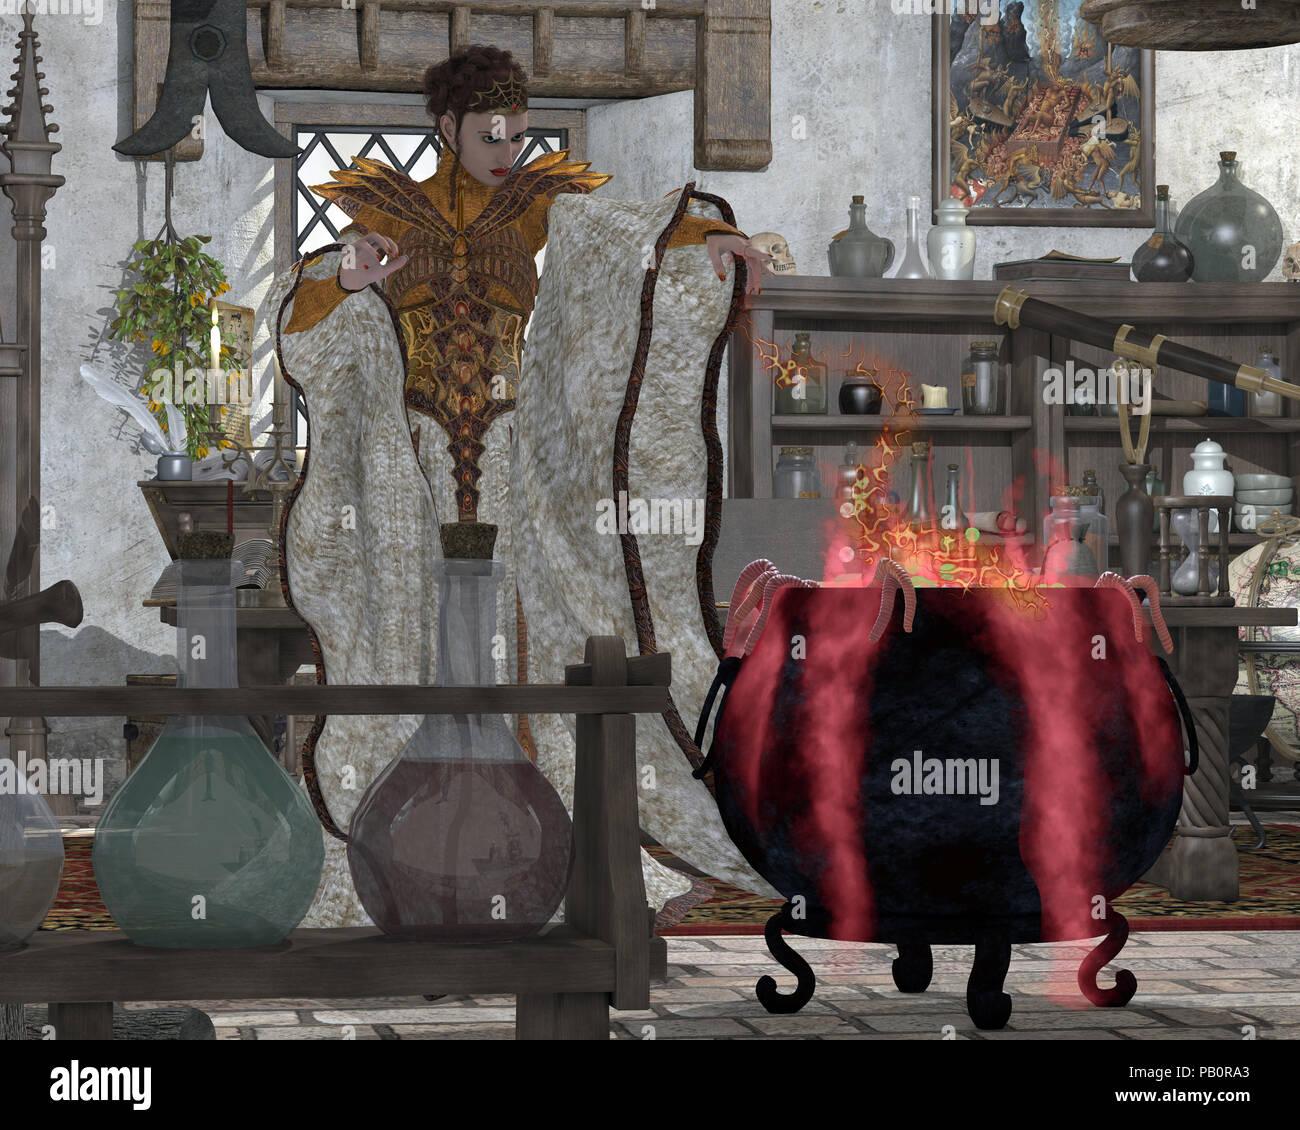 Pozione scuro - un mistico strega fa un bollitore grande di potenti magico infuso per uso nei suoi incantesimi incantato. Foto Stock